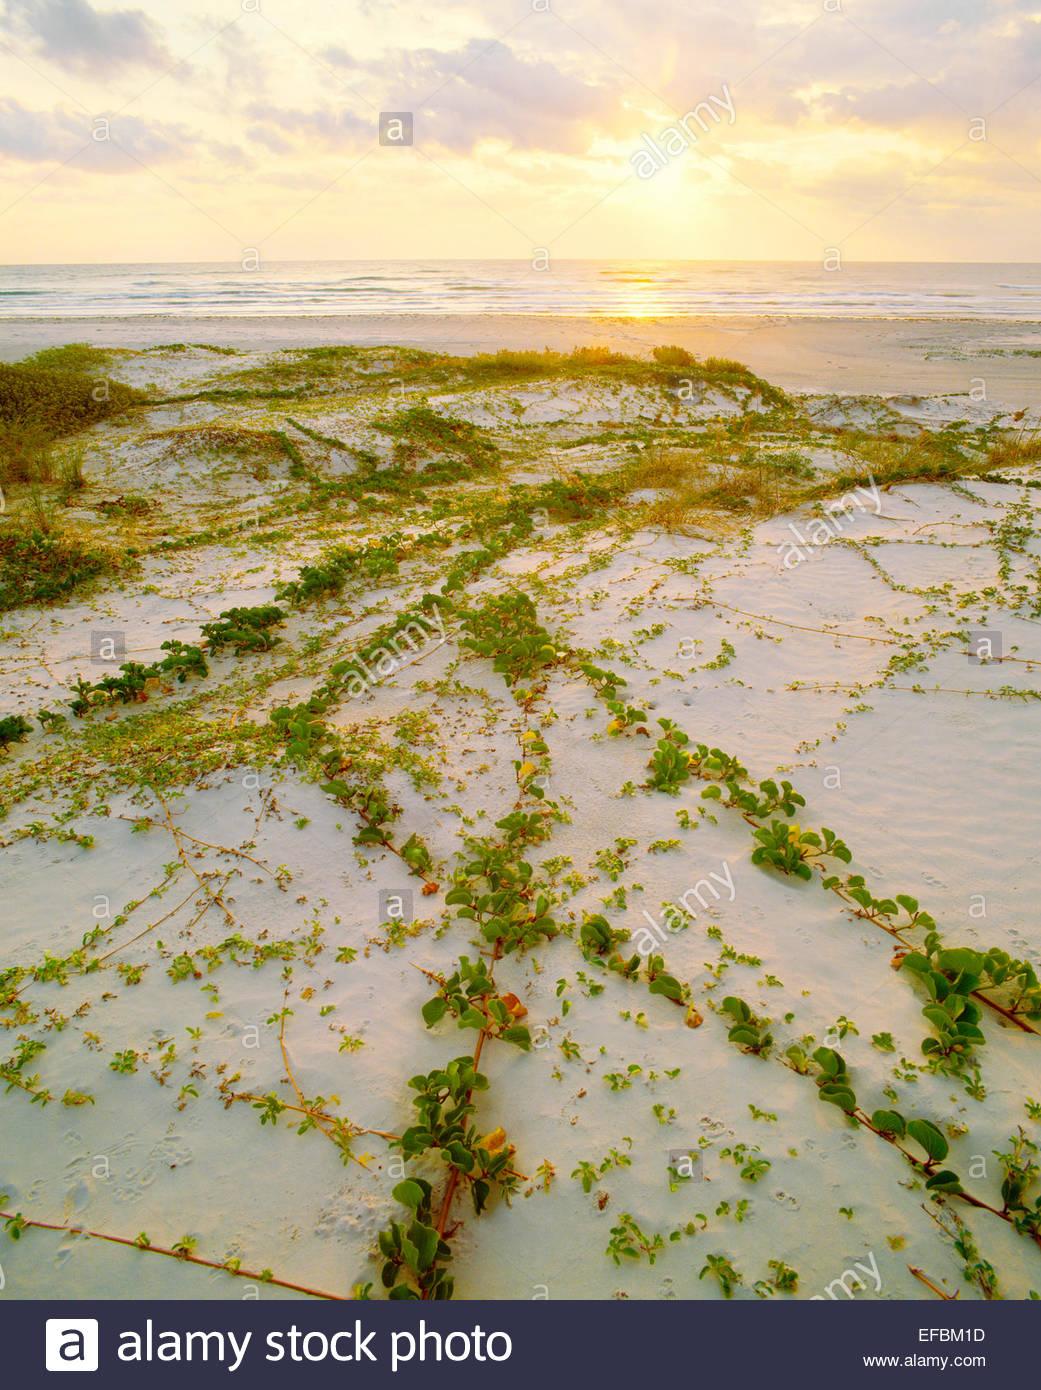 """Eisenbahn Weinstock [lpomoea PES-caprae var. emarginata], und """"Golf von Mexiko Strand bei Sonnenaufgang. Padre Stockbild"""